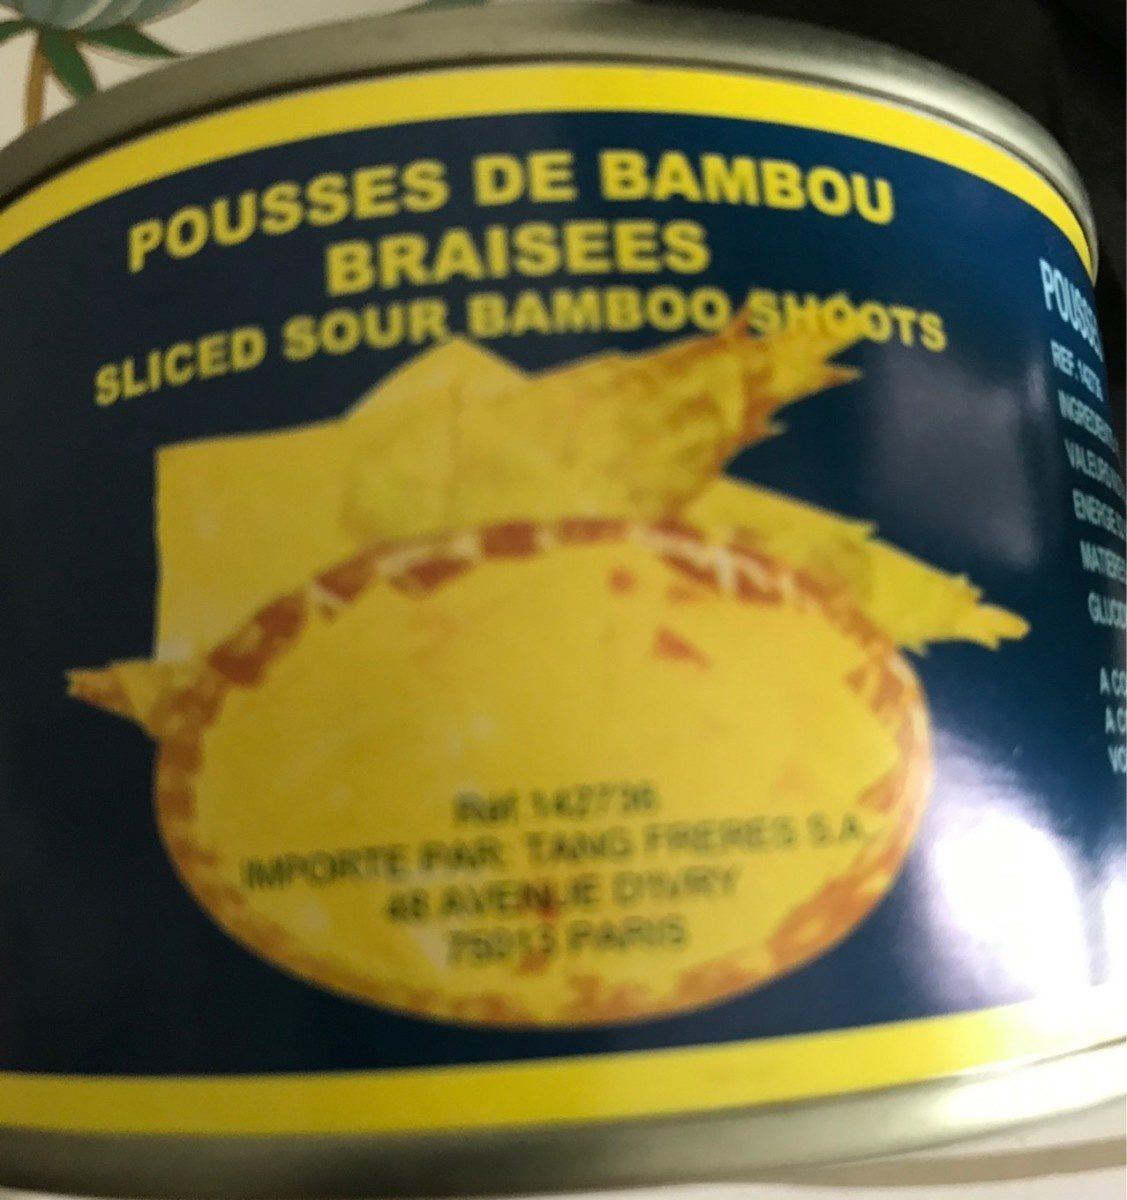 Pousses de bambou braisees - Product